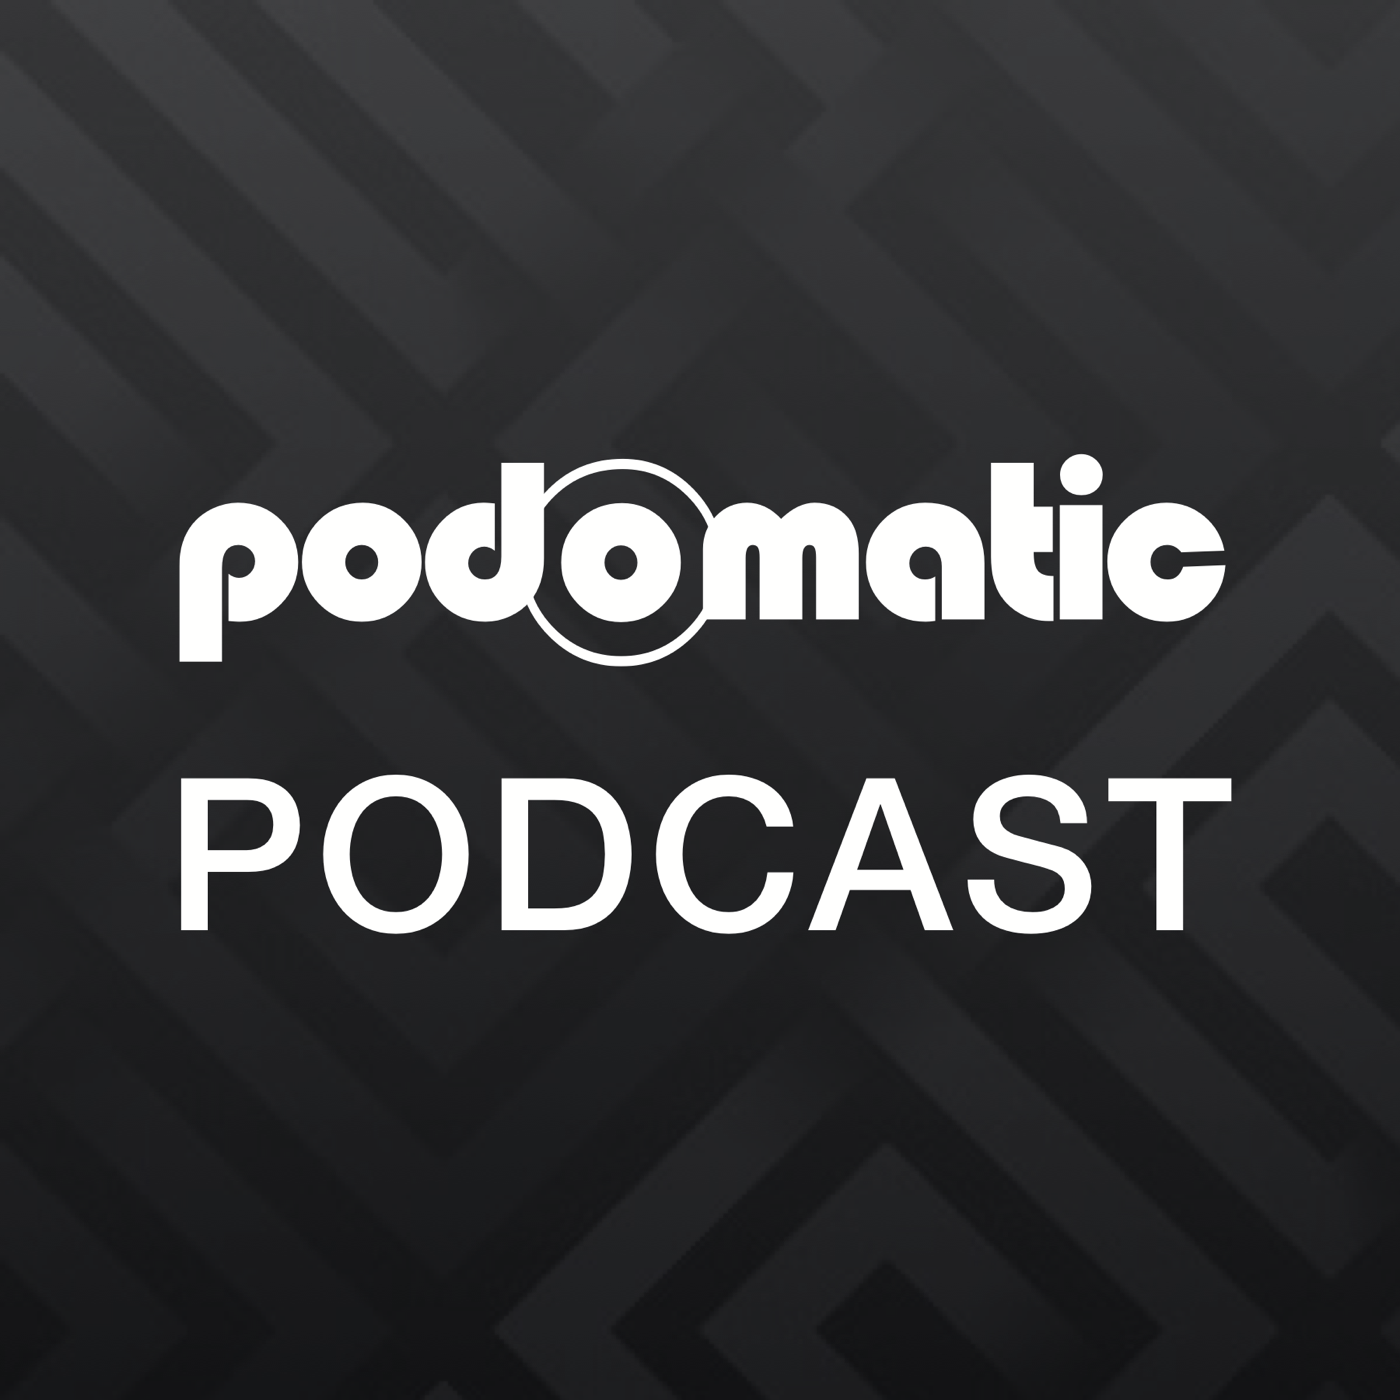 Dj Obscene's Podcast